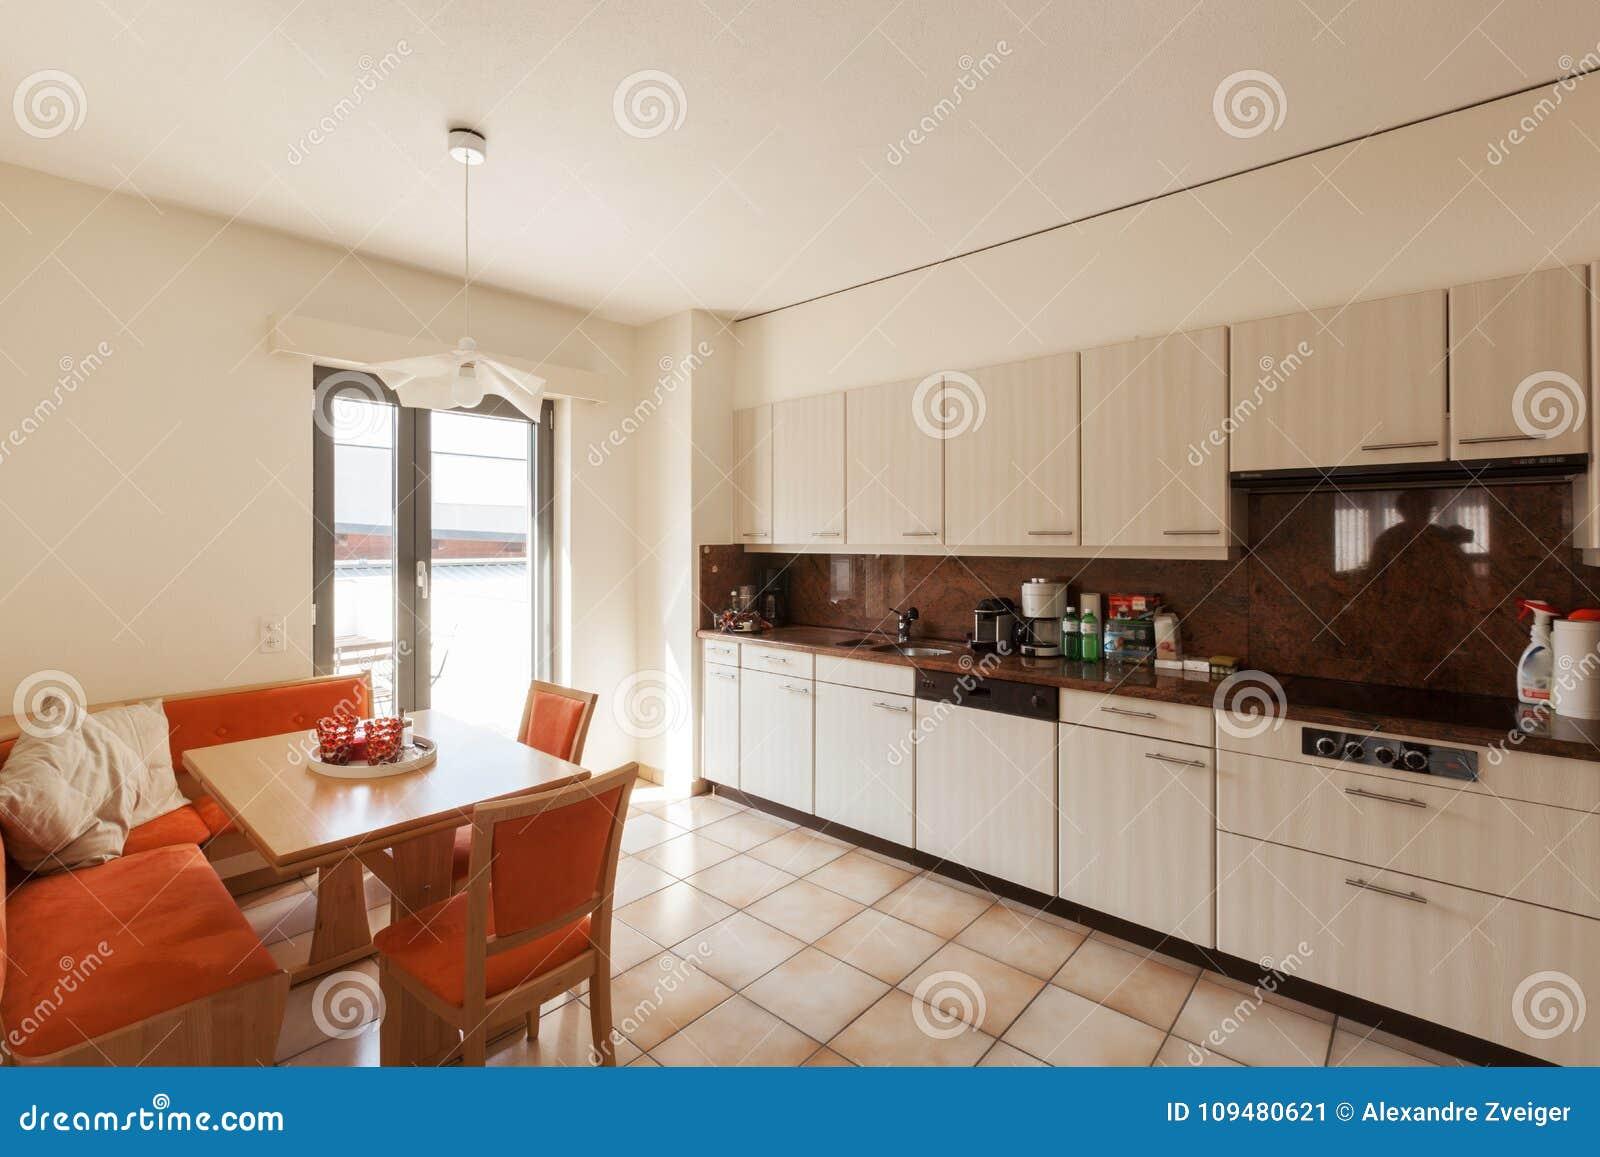 Moderner Hausinnenraum, Küche